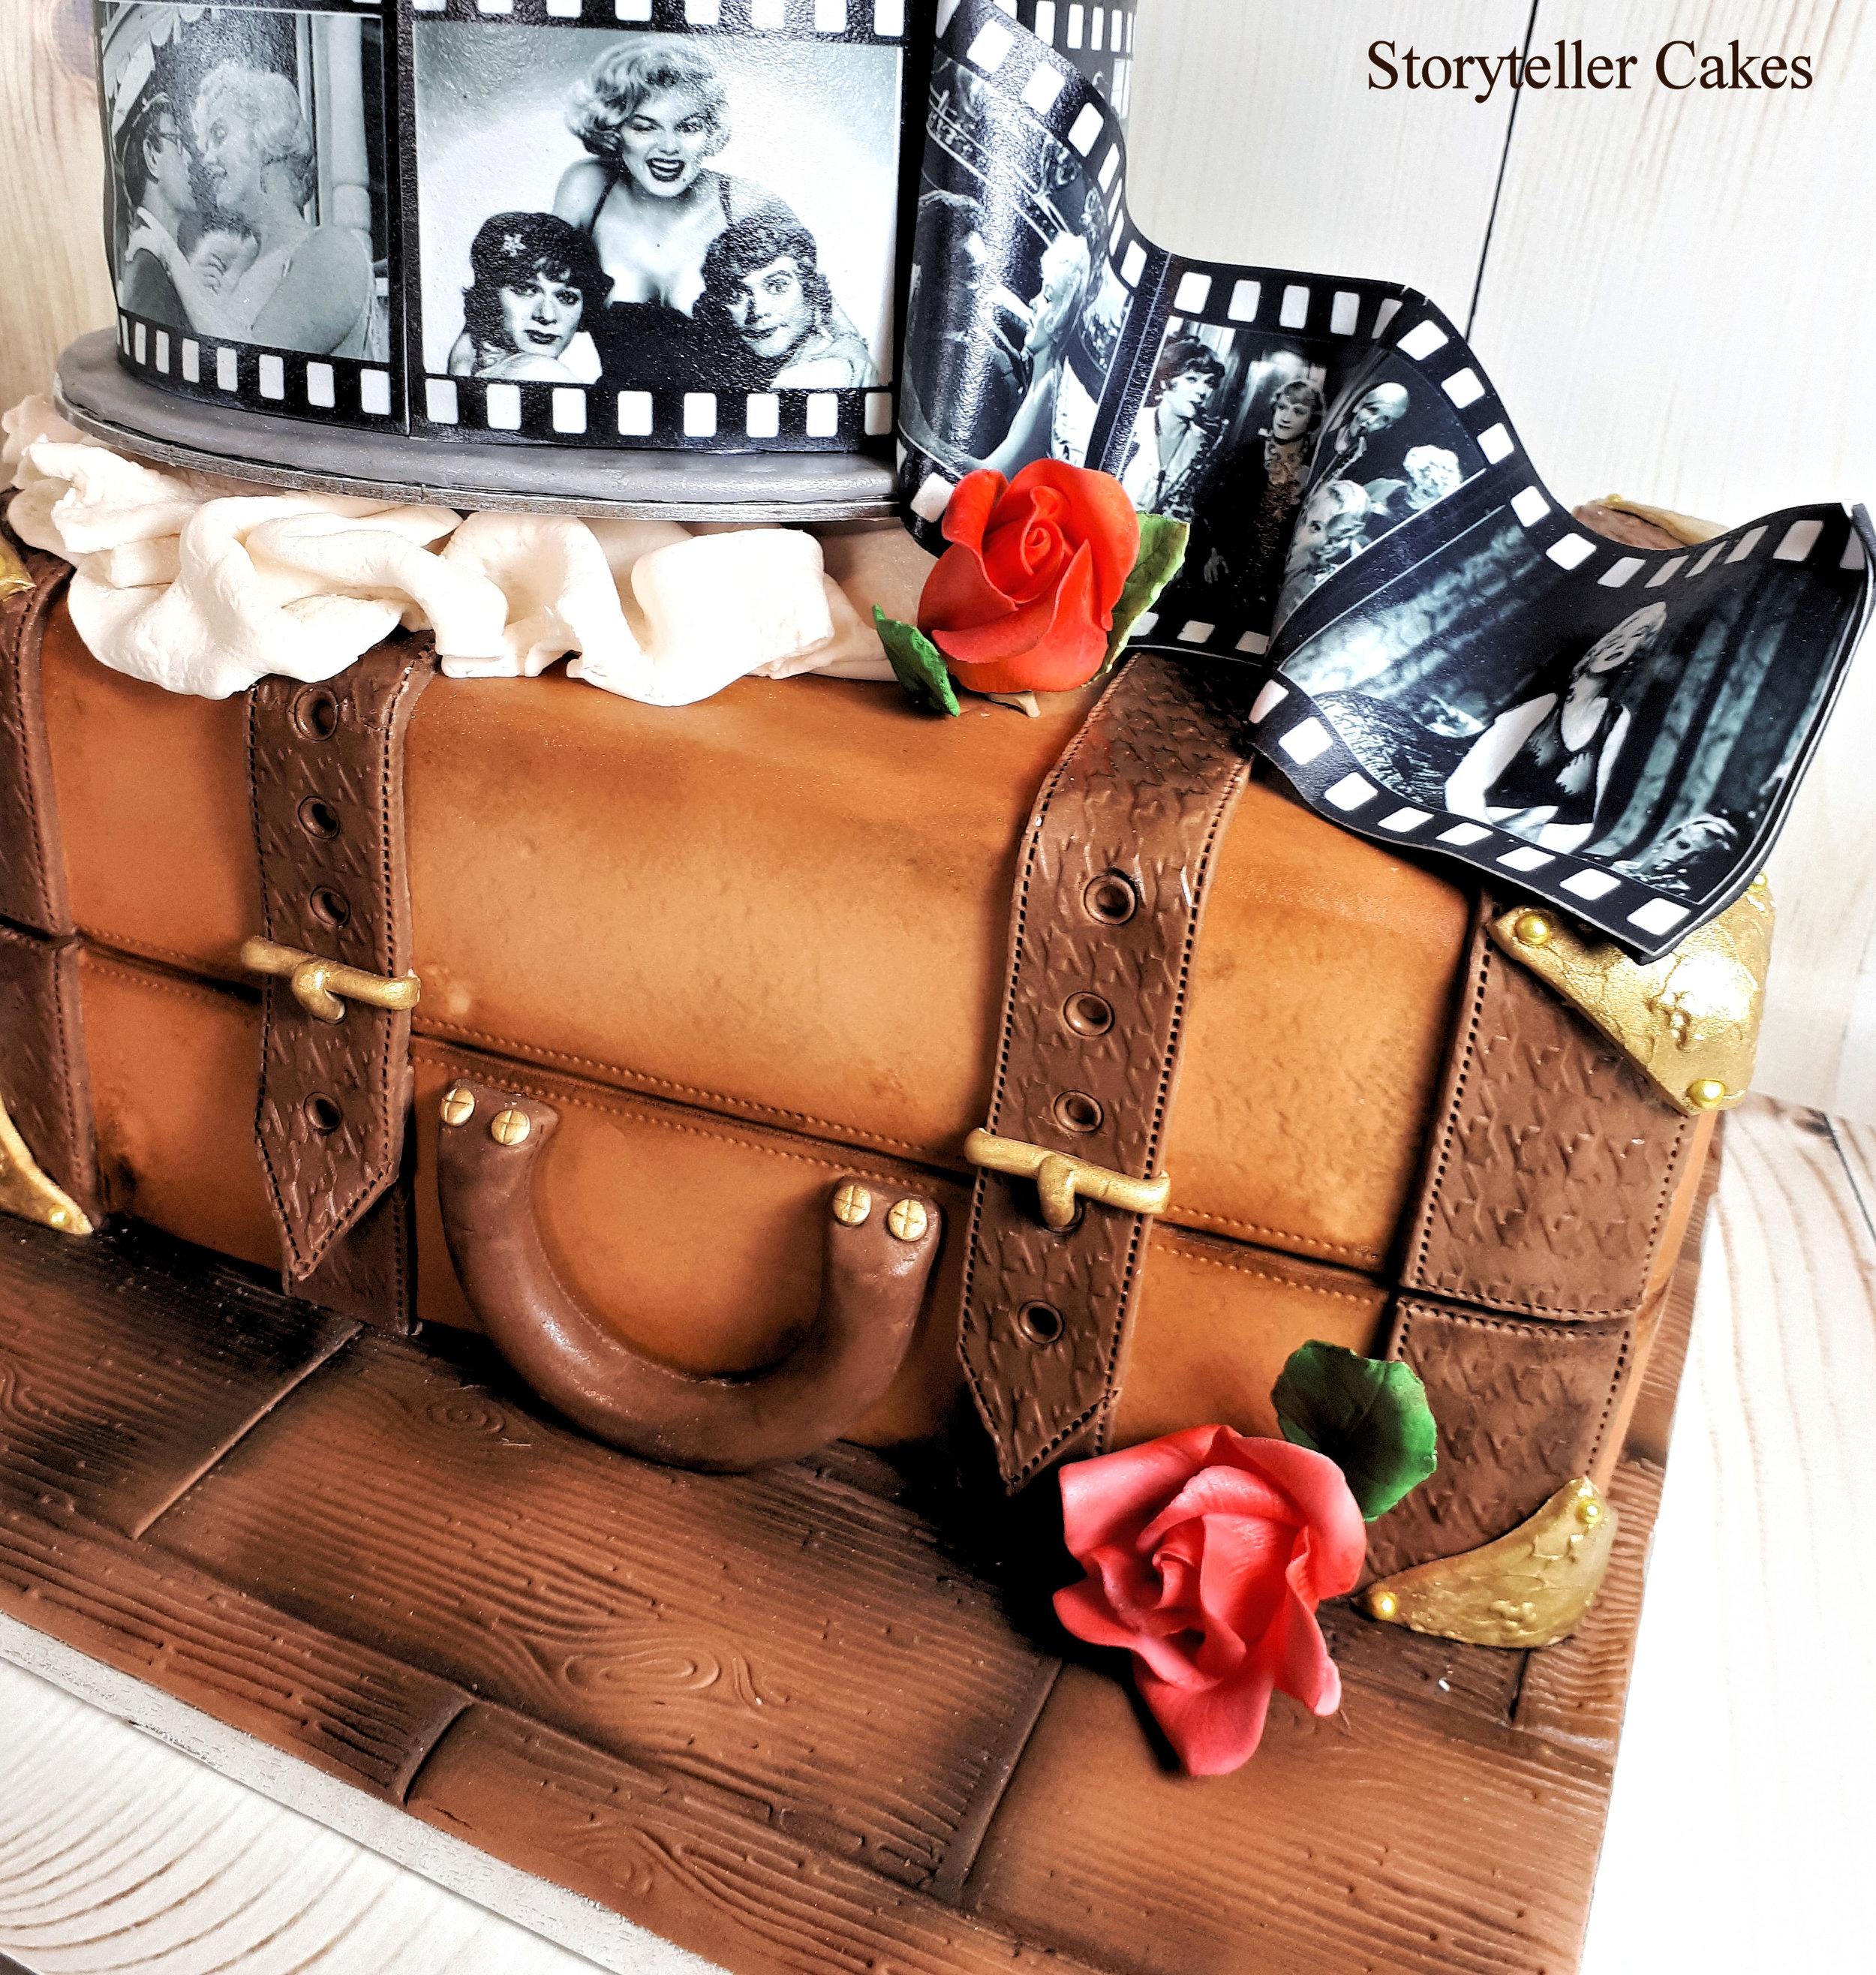 Vintage Suicase & Film Reel Cinema birthday cake 5.jpg